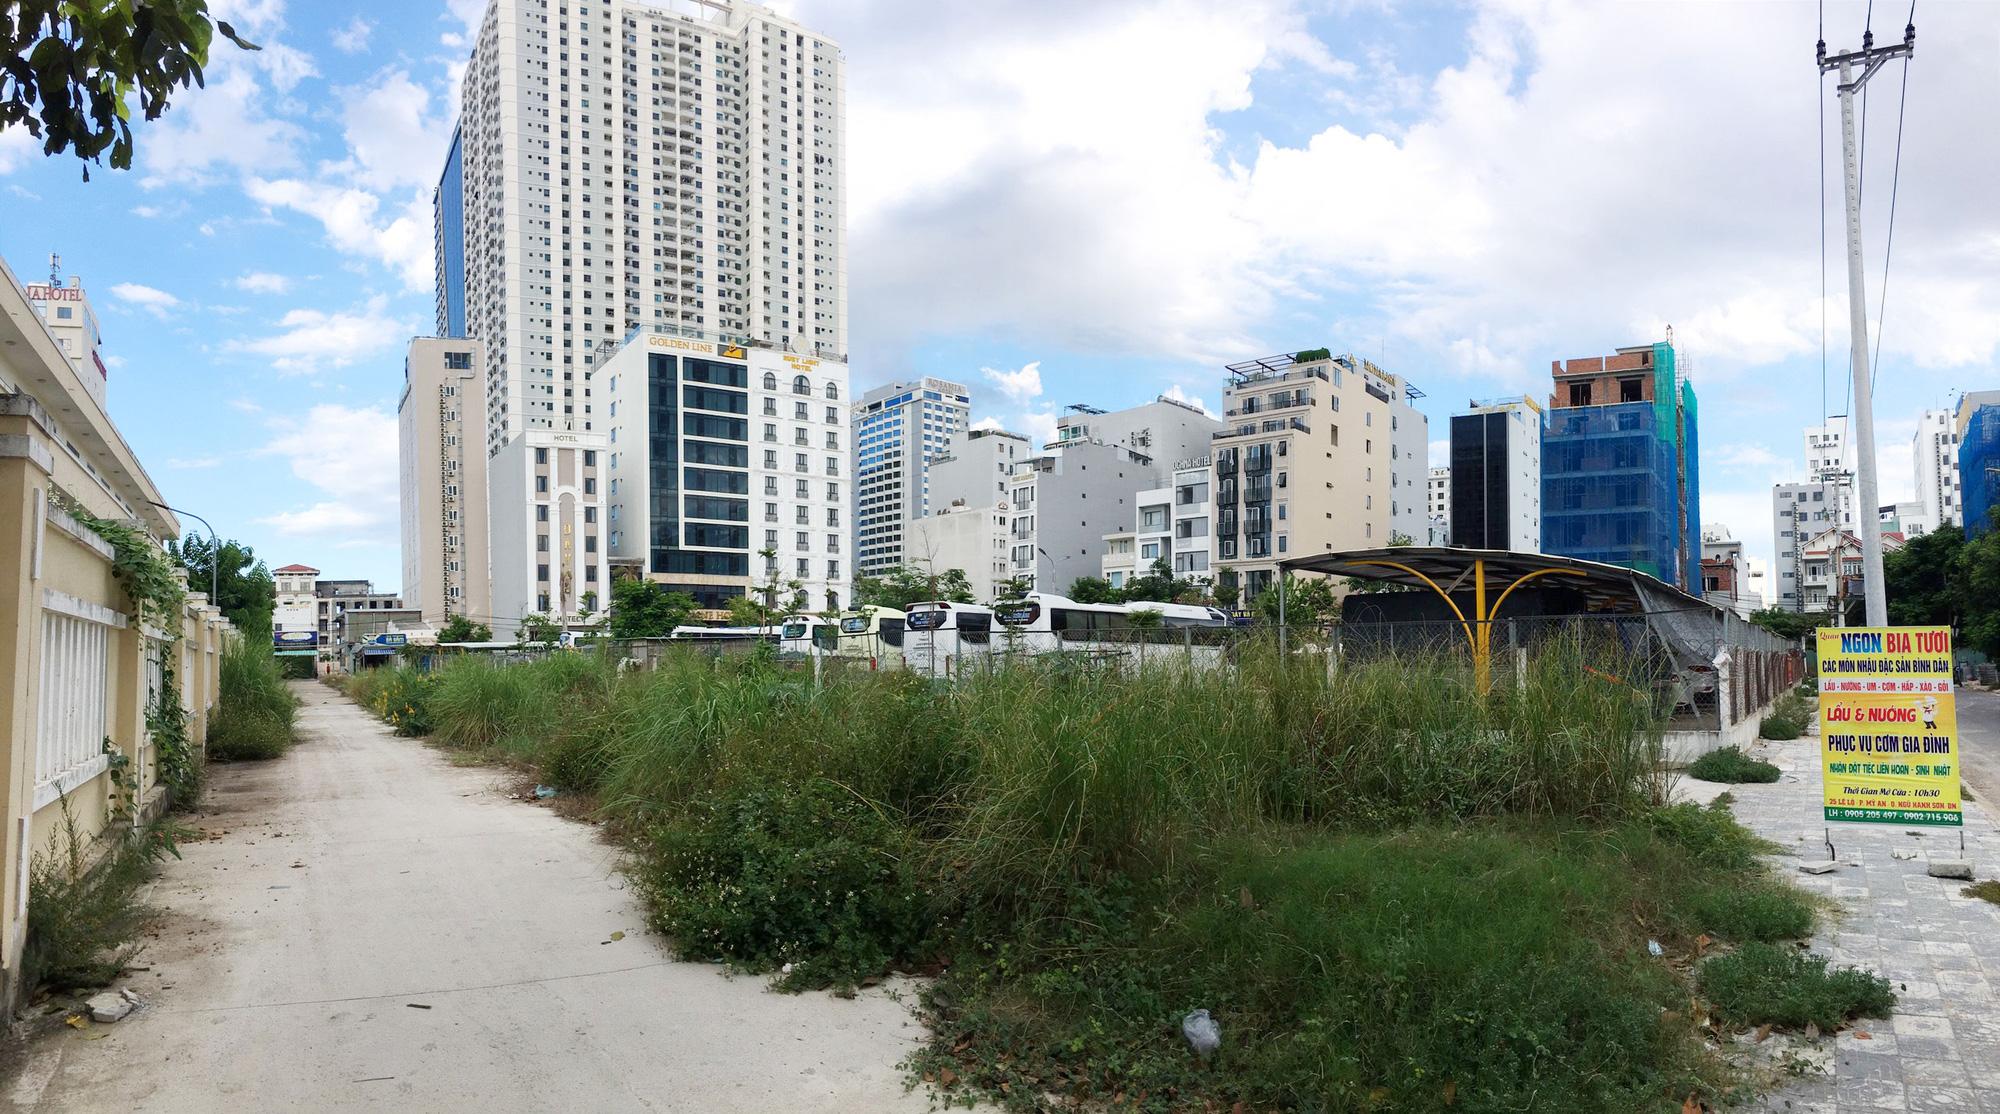 Cận cảnh hai khu đất sát bãi biển Mỹ Khê, Đà Nẵng sẽ đấu giá làm bãi đỗ xe - Ảnh 12.